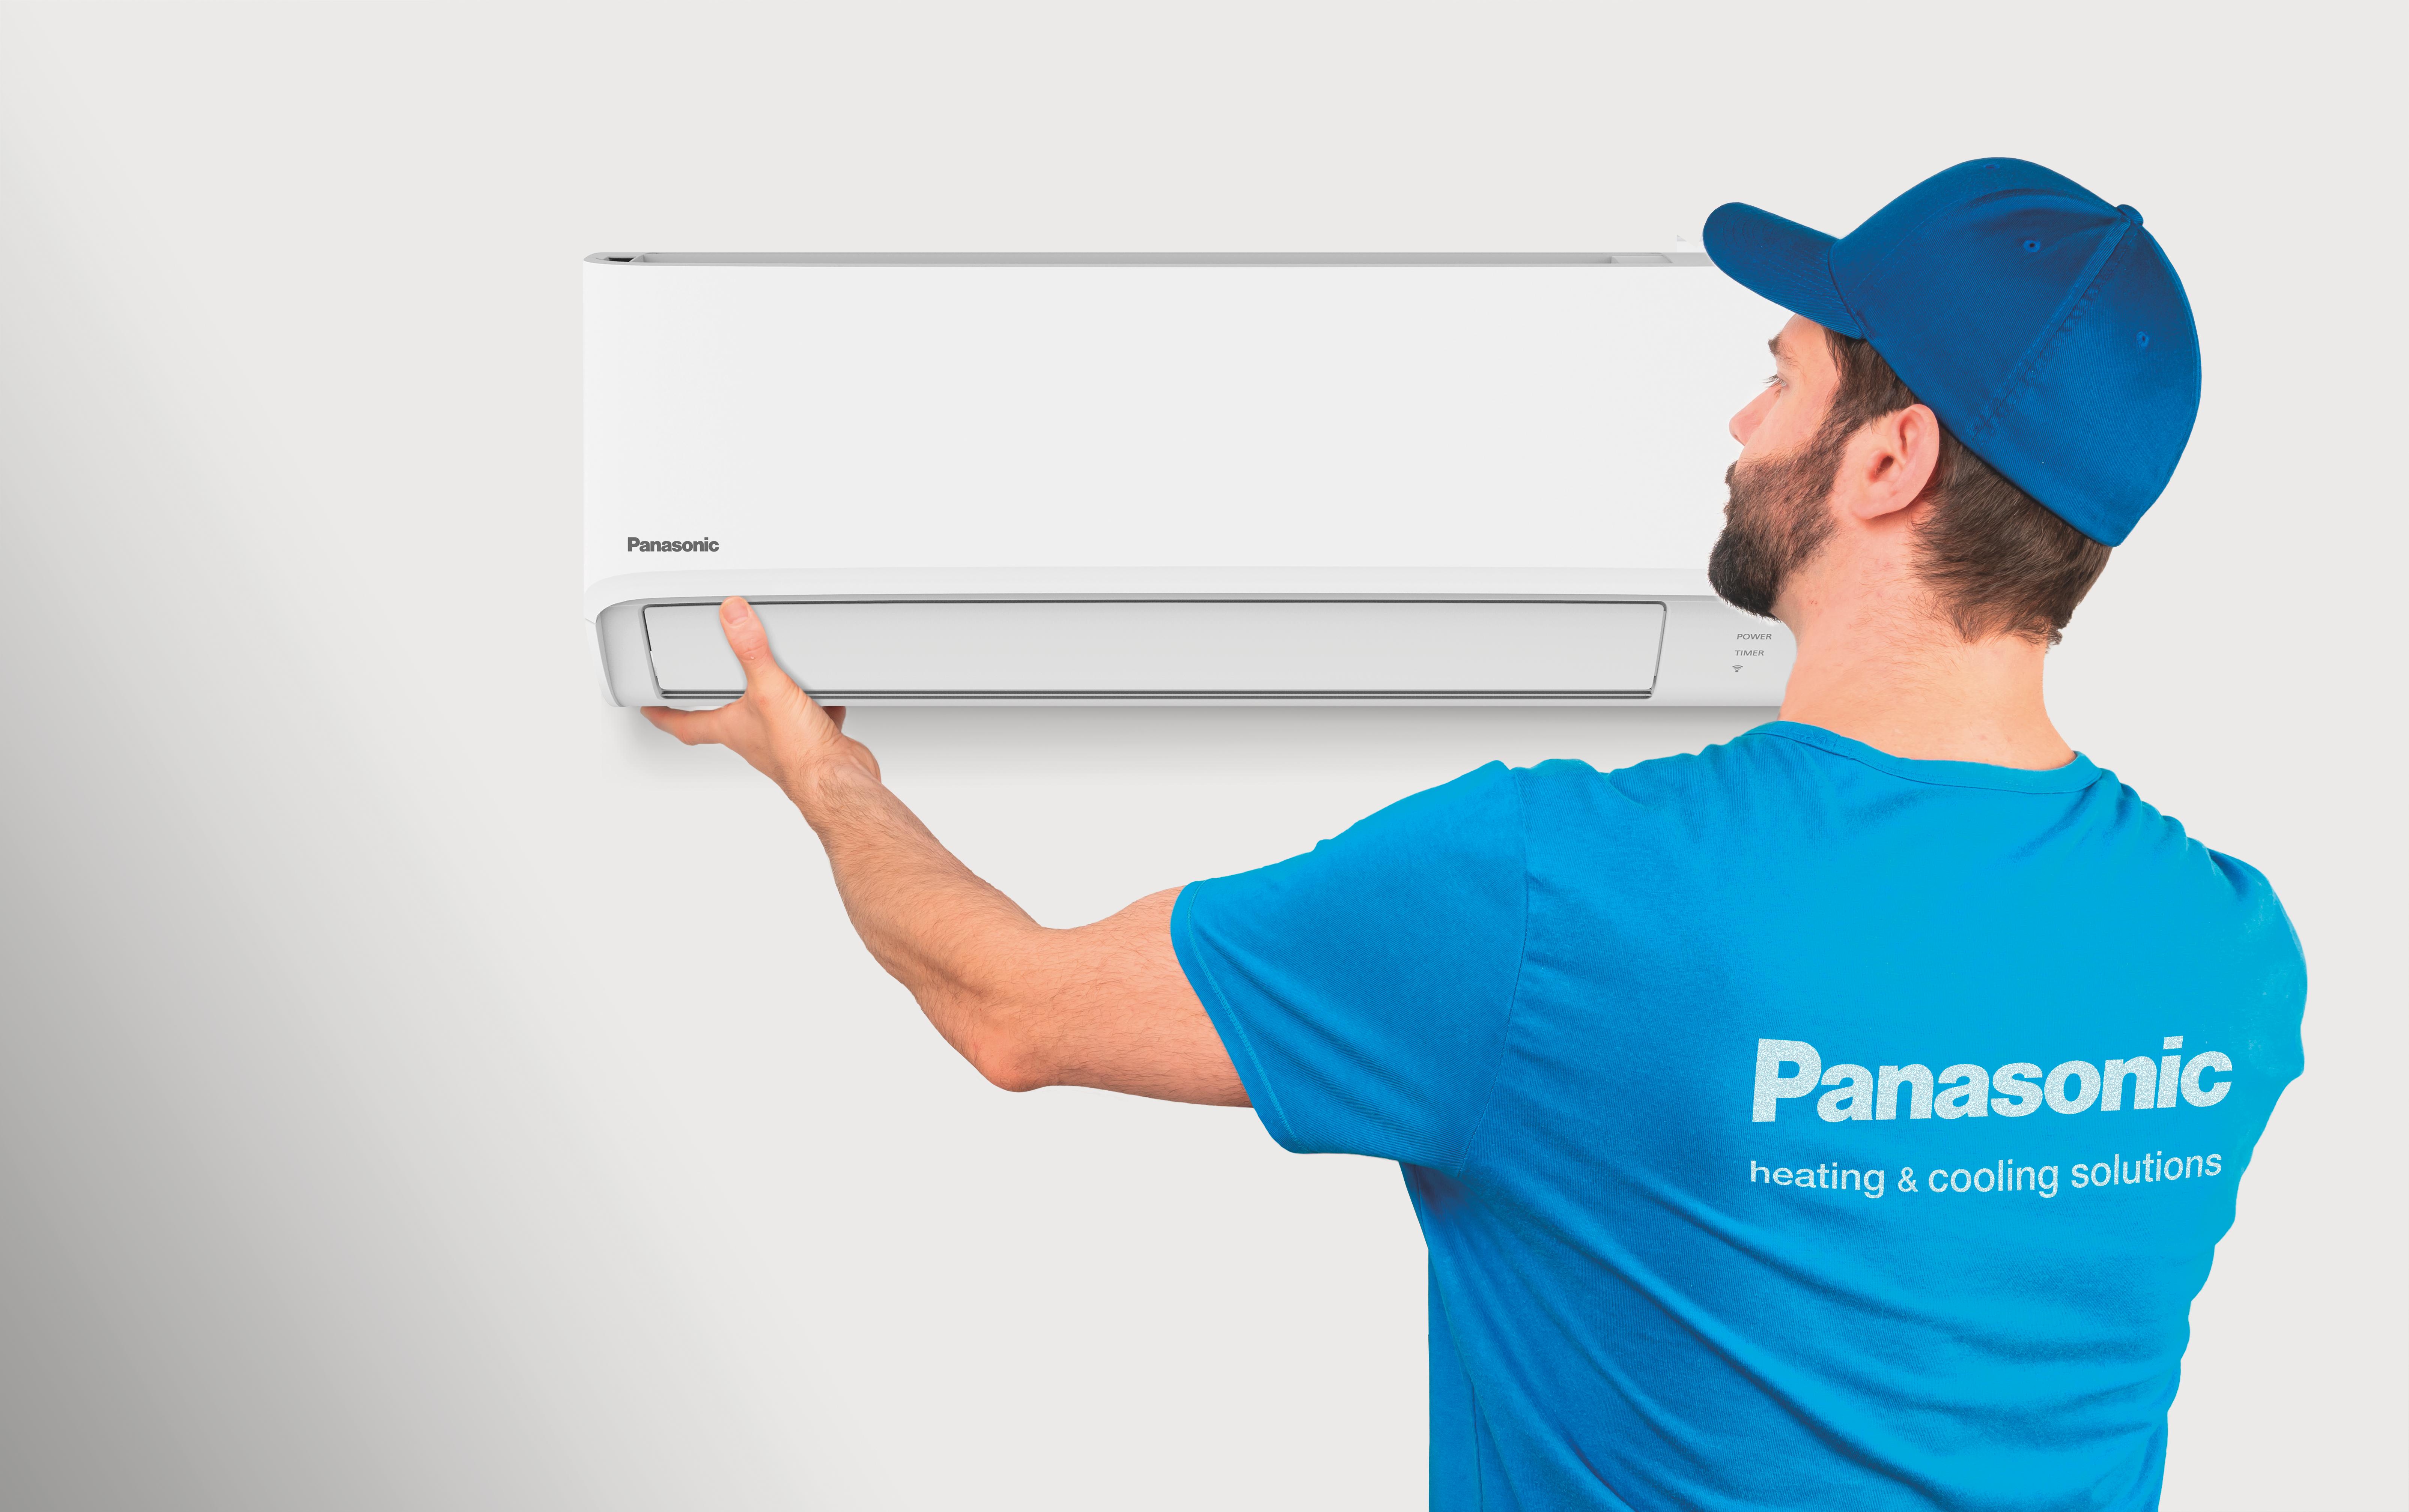 PANASONIC dévoile le TZ, une nouvelle génération de climatiseurs innovants et design